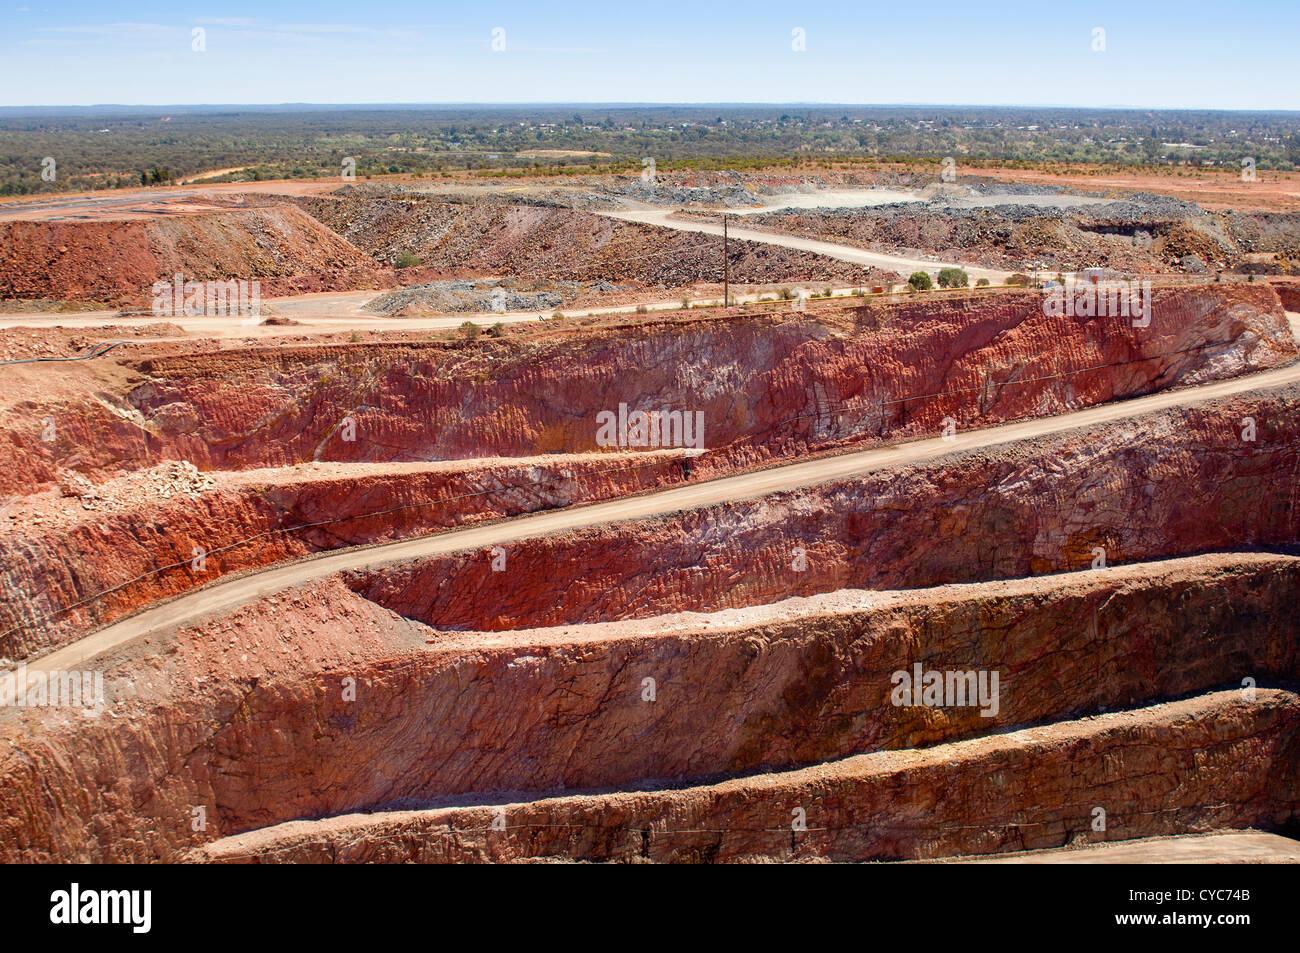 Settore minerario in Australia al Cobar Aeroporto sito minerario Immagini Stock